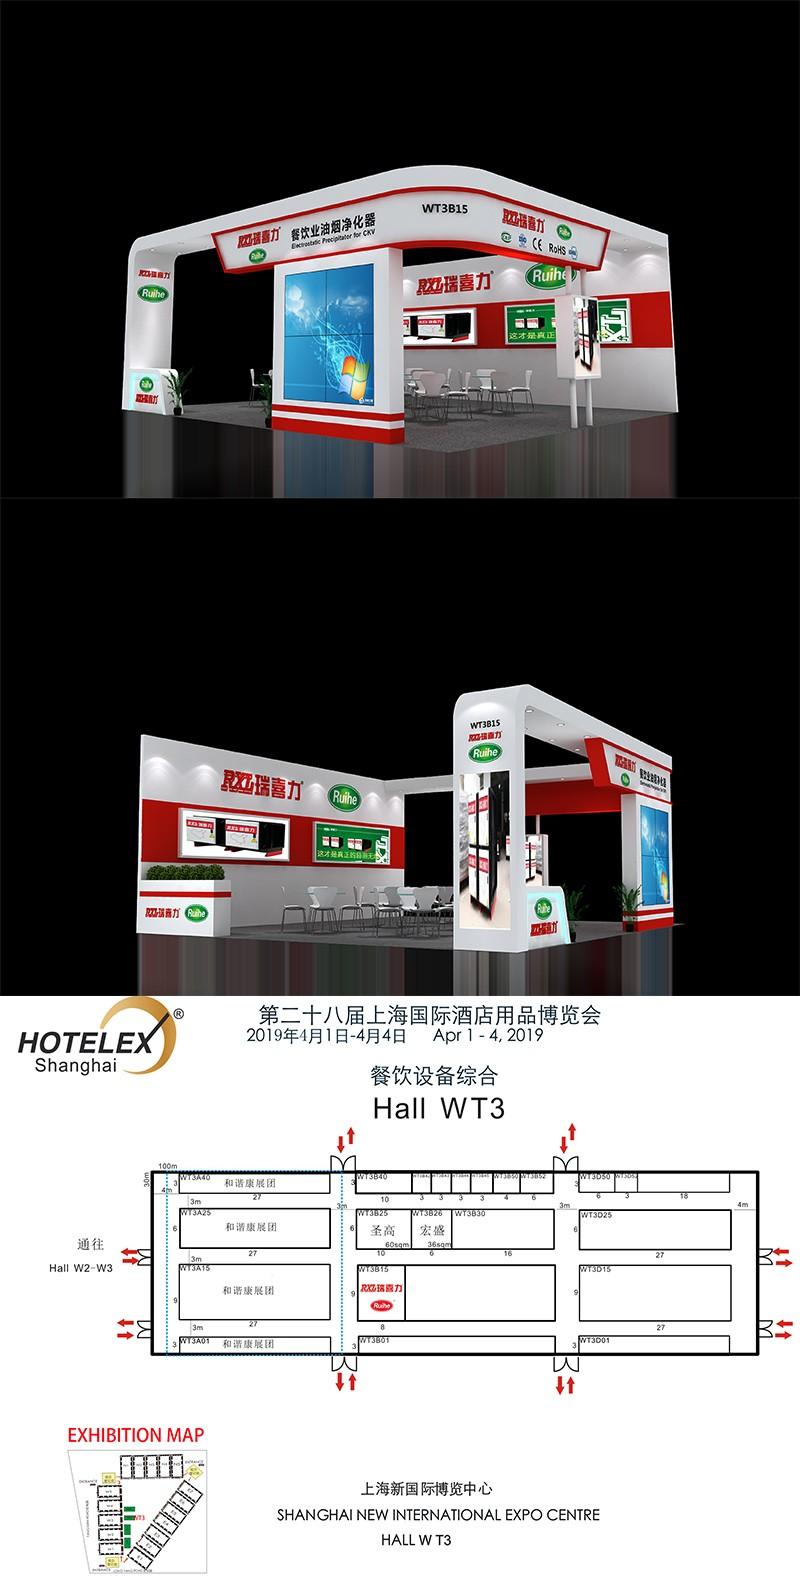 RUIHE-28th HOTELEX SHANGHAI RUIHE Kitchen Electrostatic Precipitator Manufacturer in China